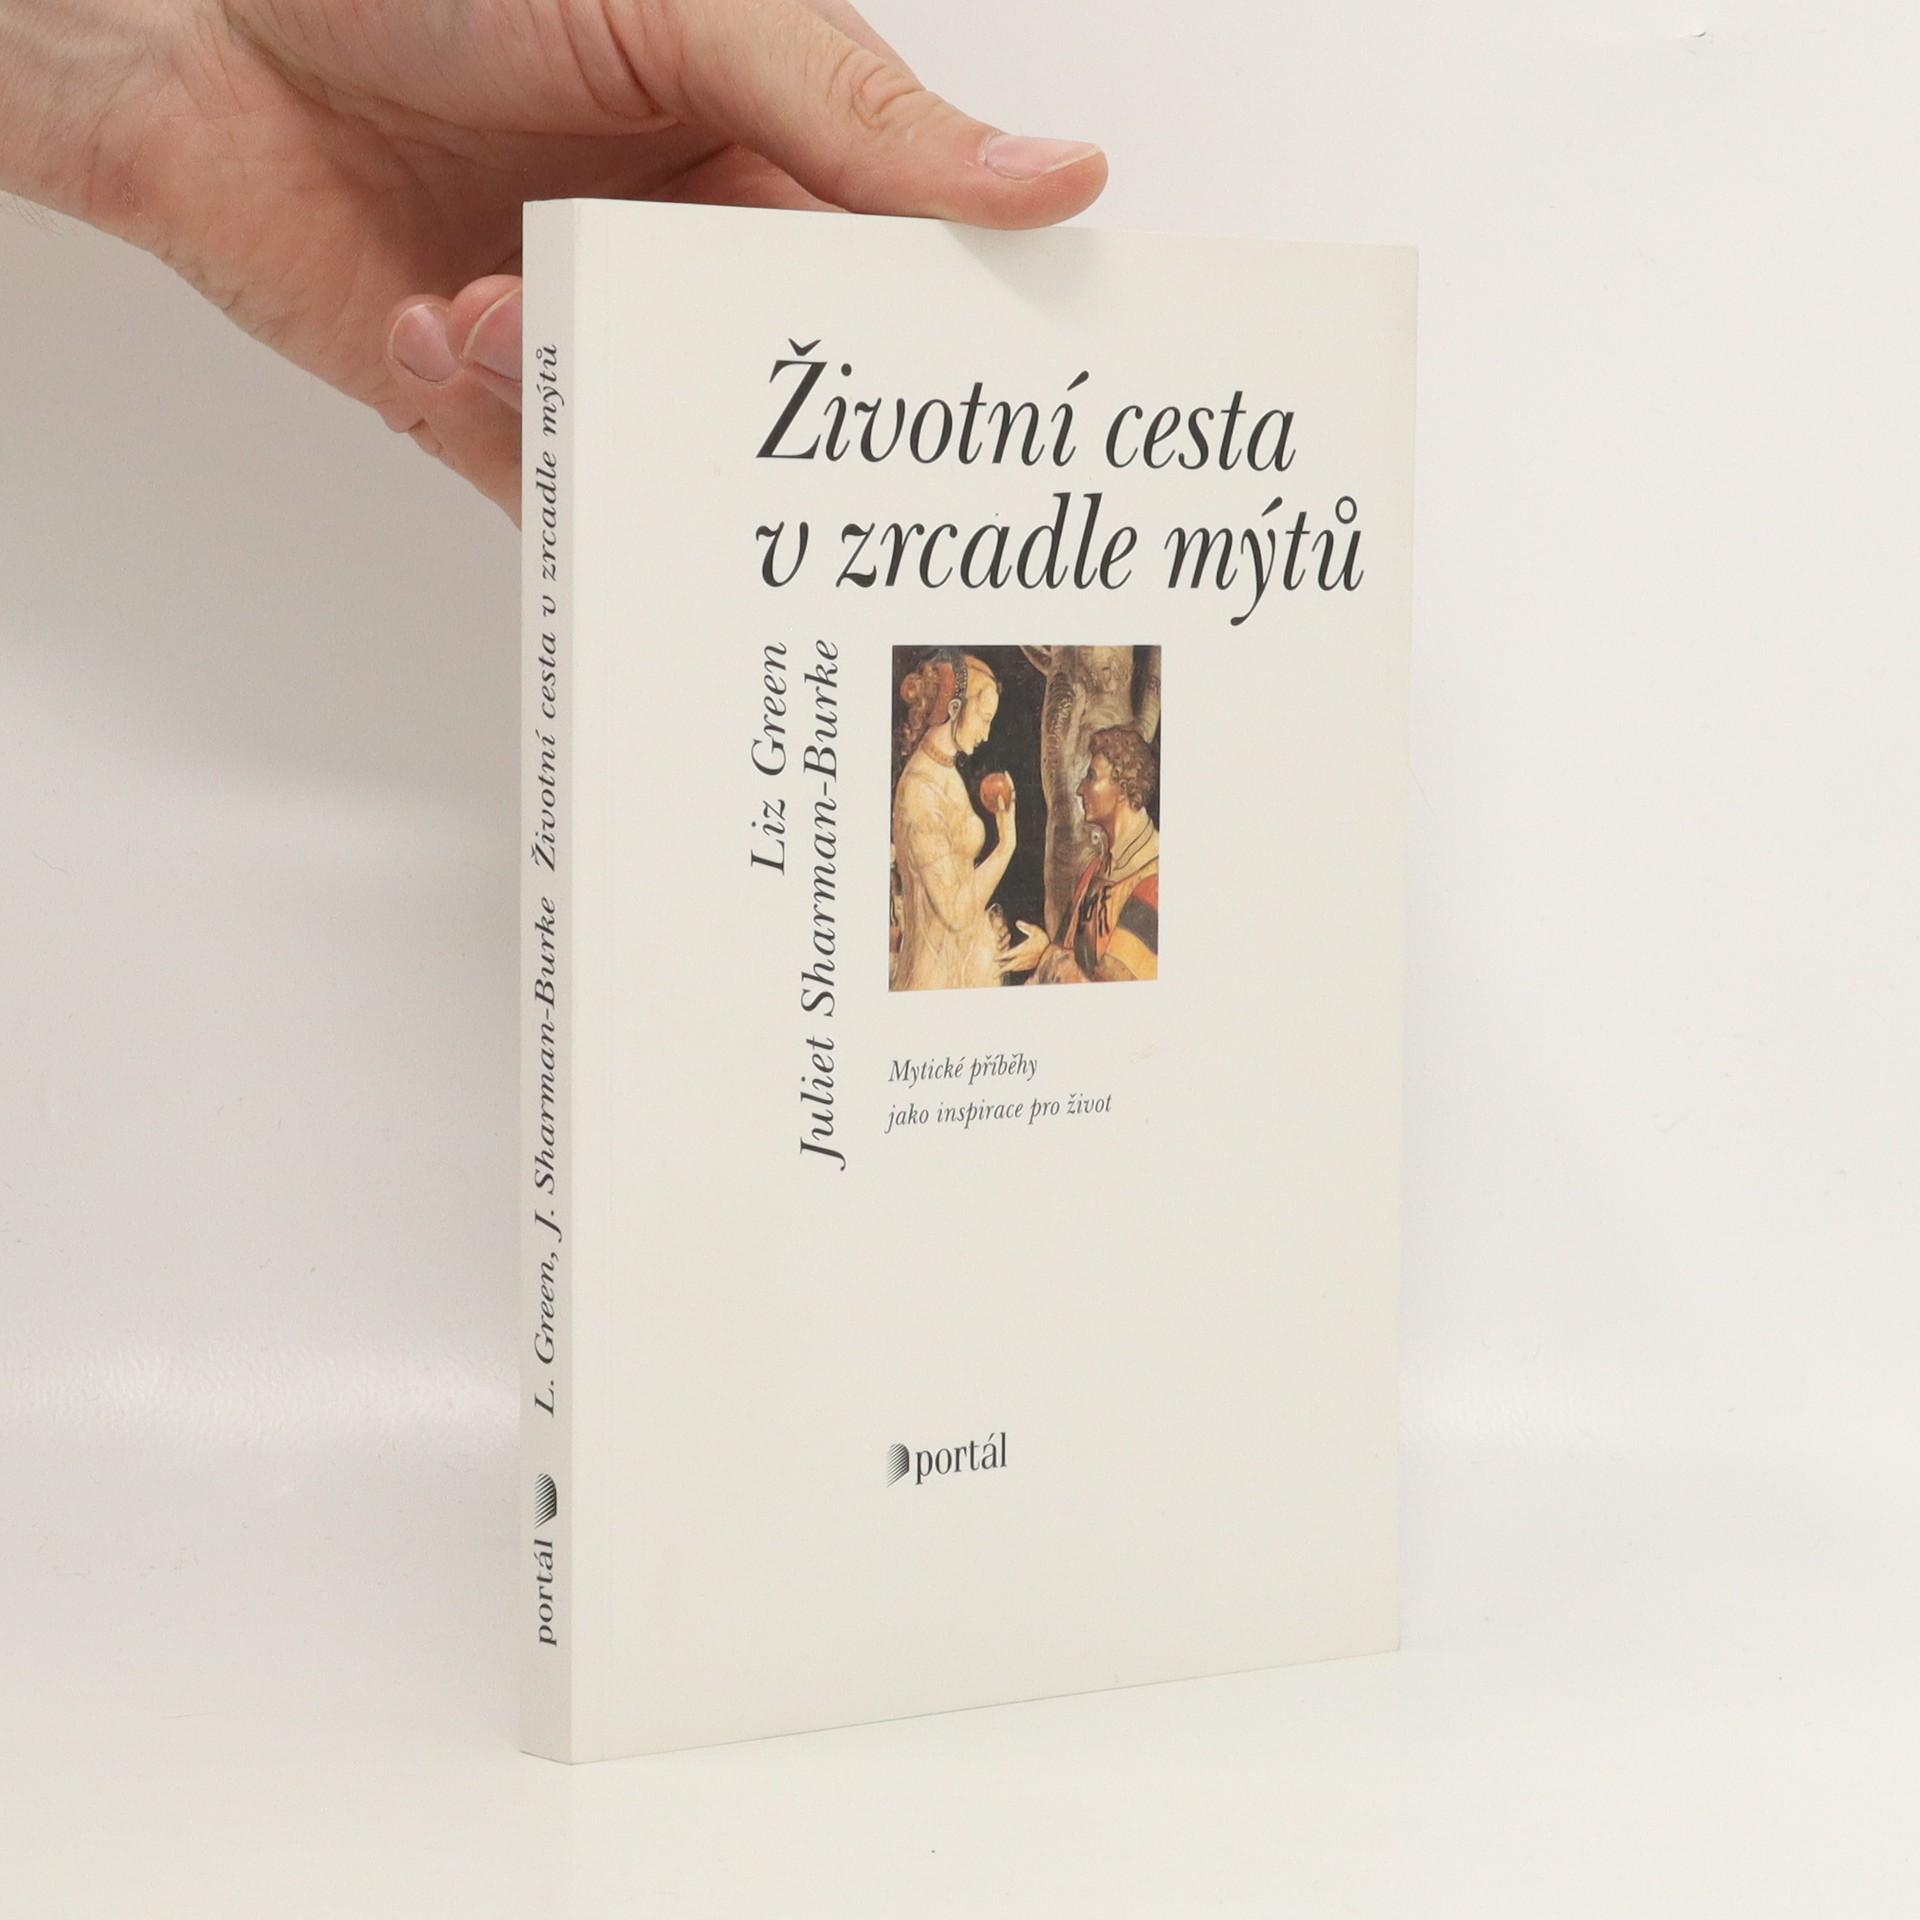 antikvární kniha Životní cesta v zrcadle mýtů : mýtické příběhy jako inspirace pro život, 2001